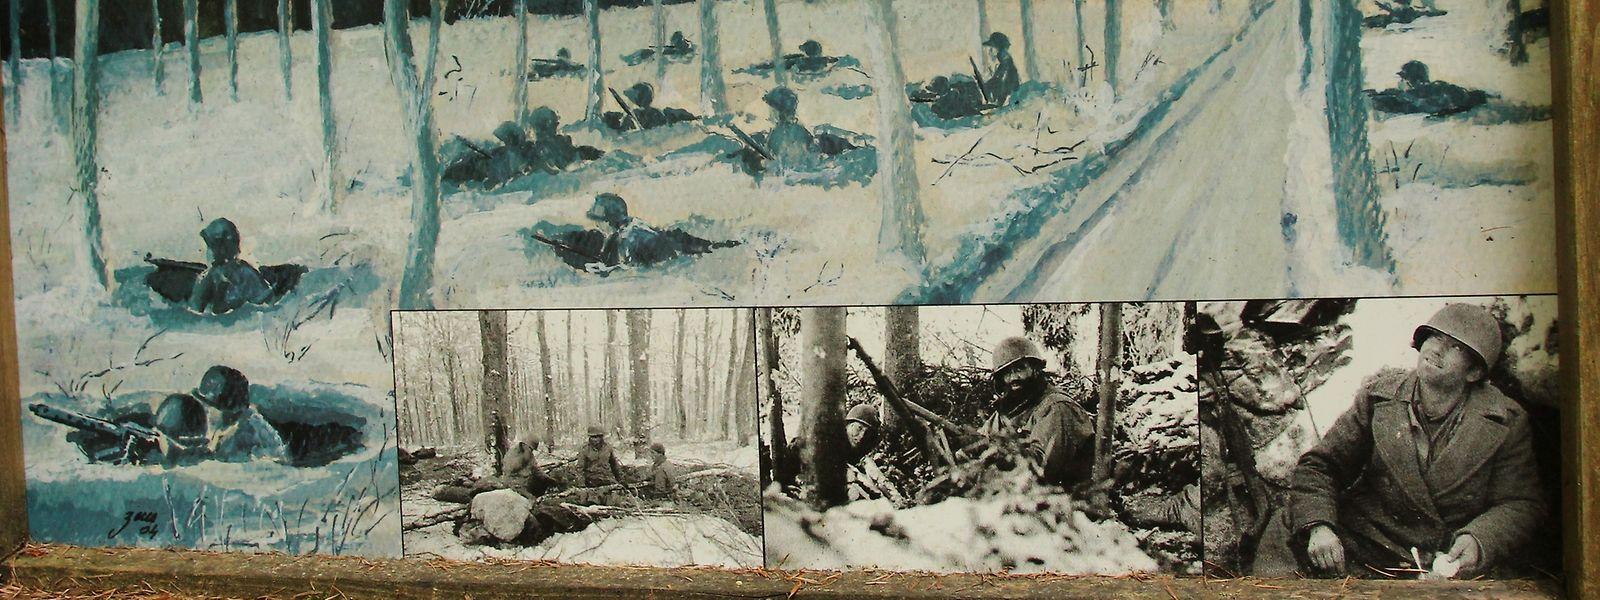 Die Plakate zeigen Szenen aus dem Winter 1944/1945 am Schumannseck.